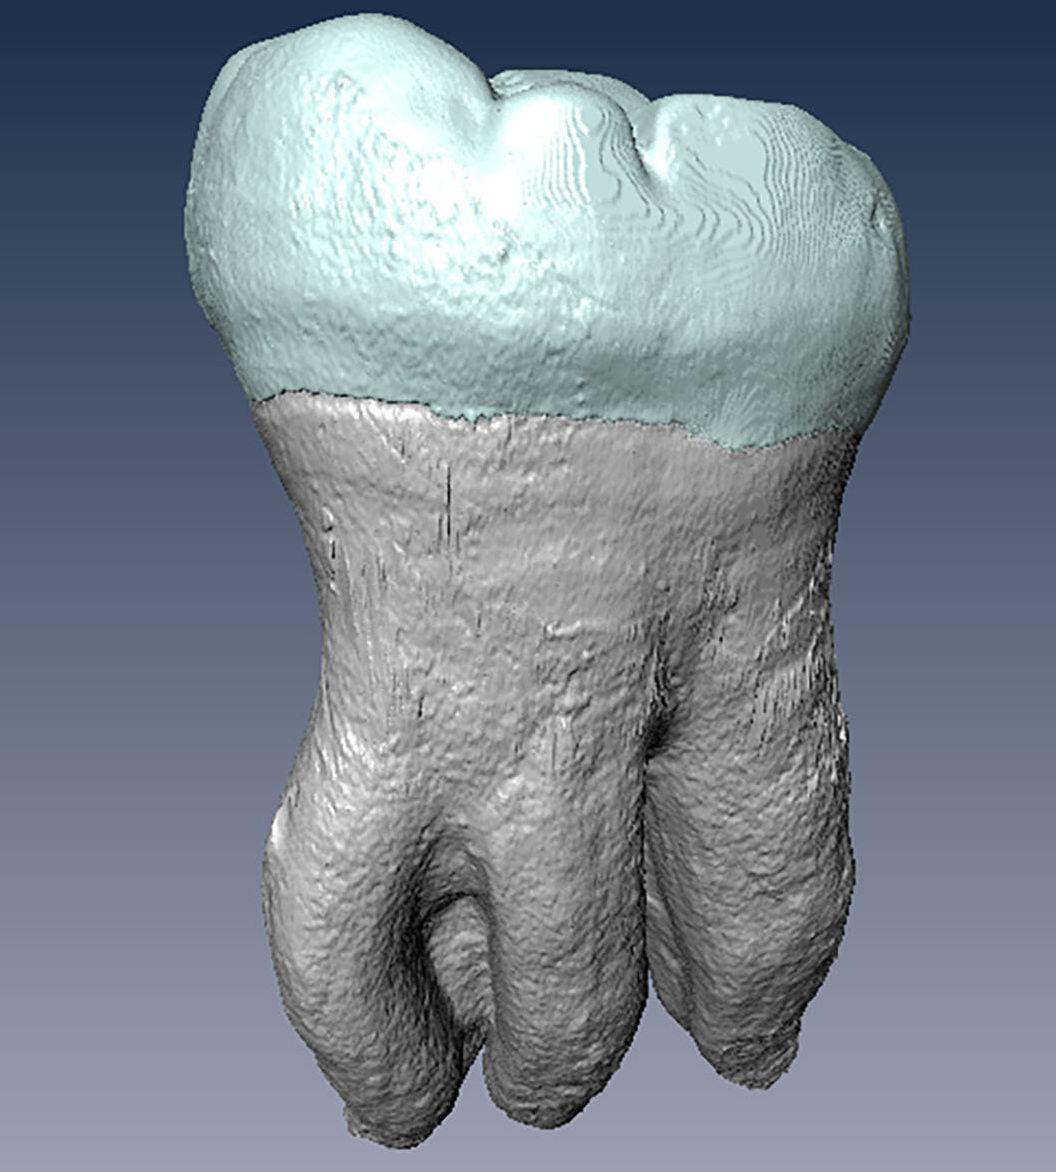 El molar inferior de tres raíces